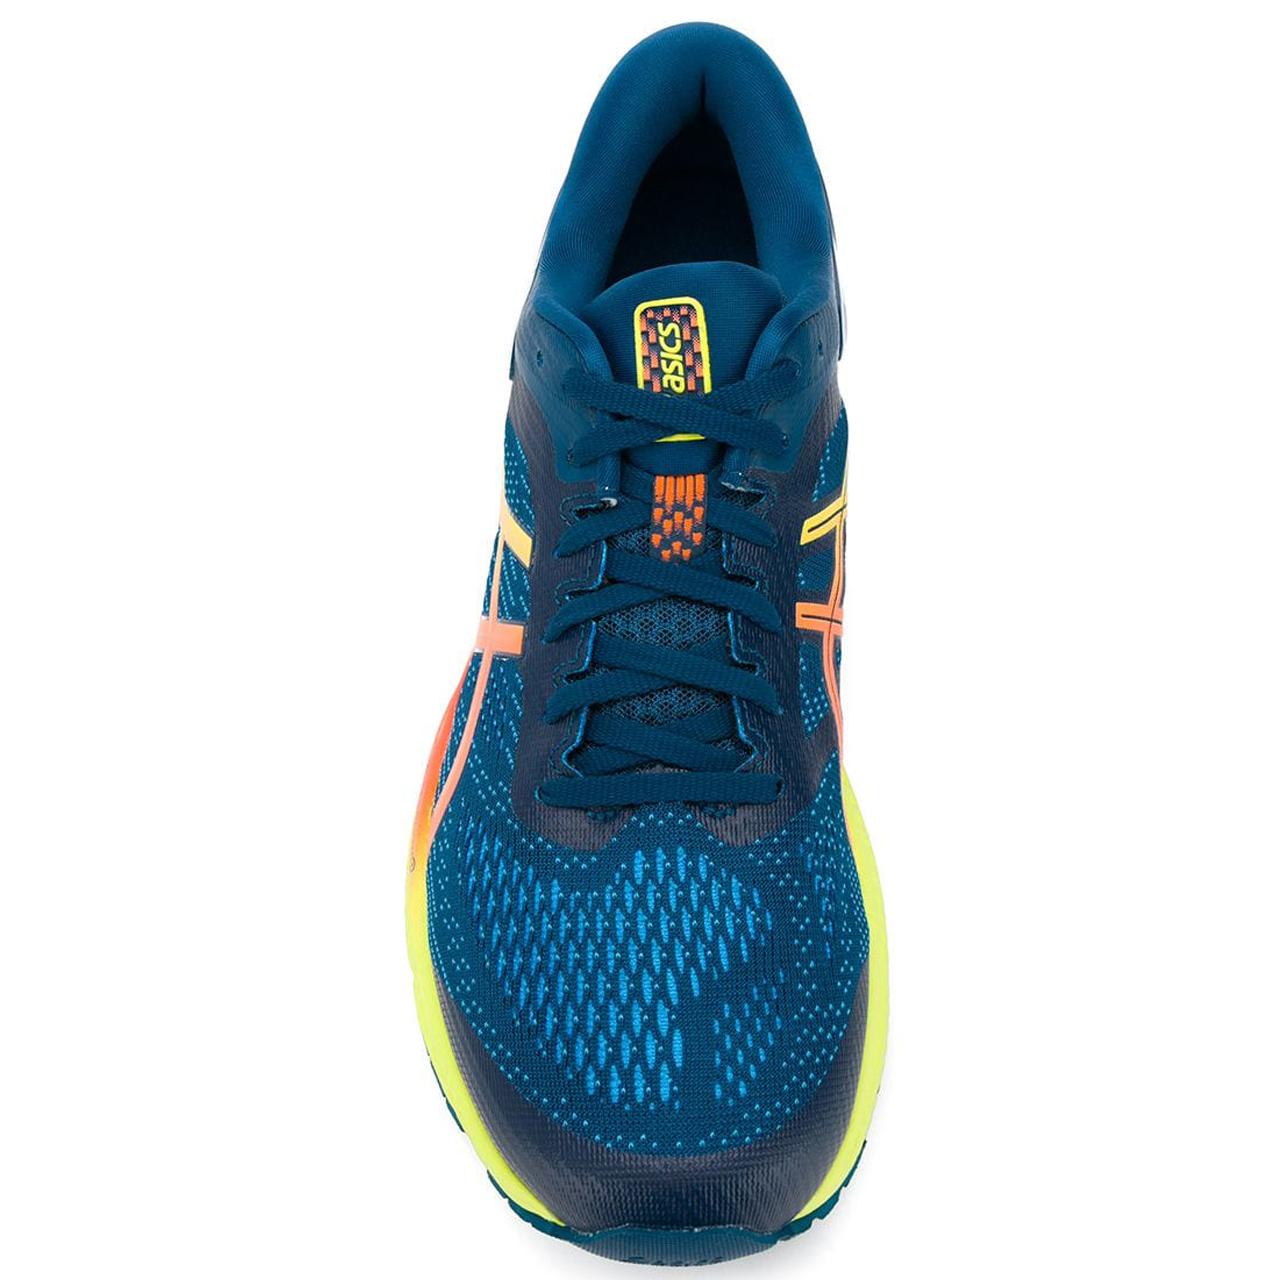 خرید                                     کفش مخصوص دویدن مردانه مدل kayano                     غیر اصل